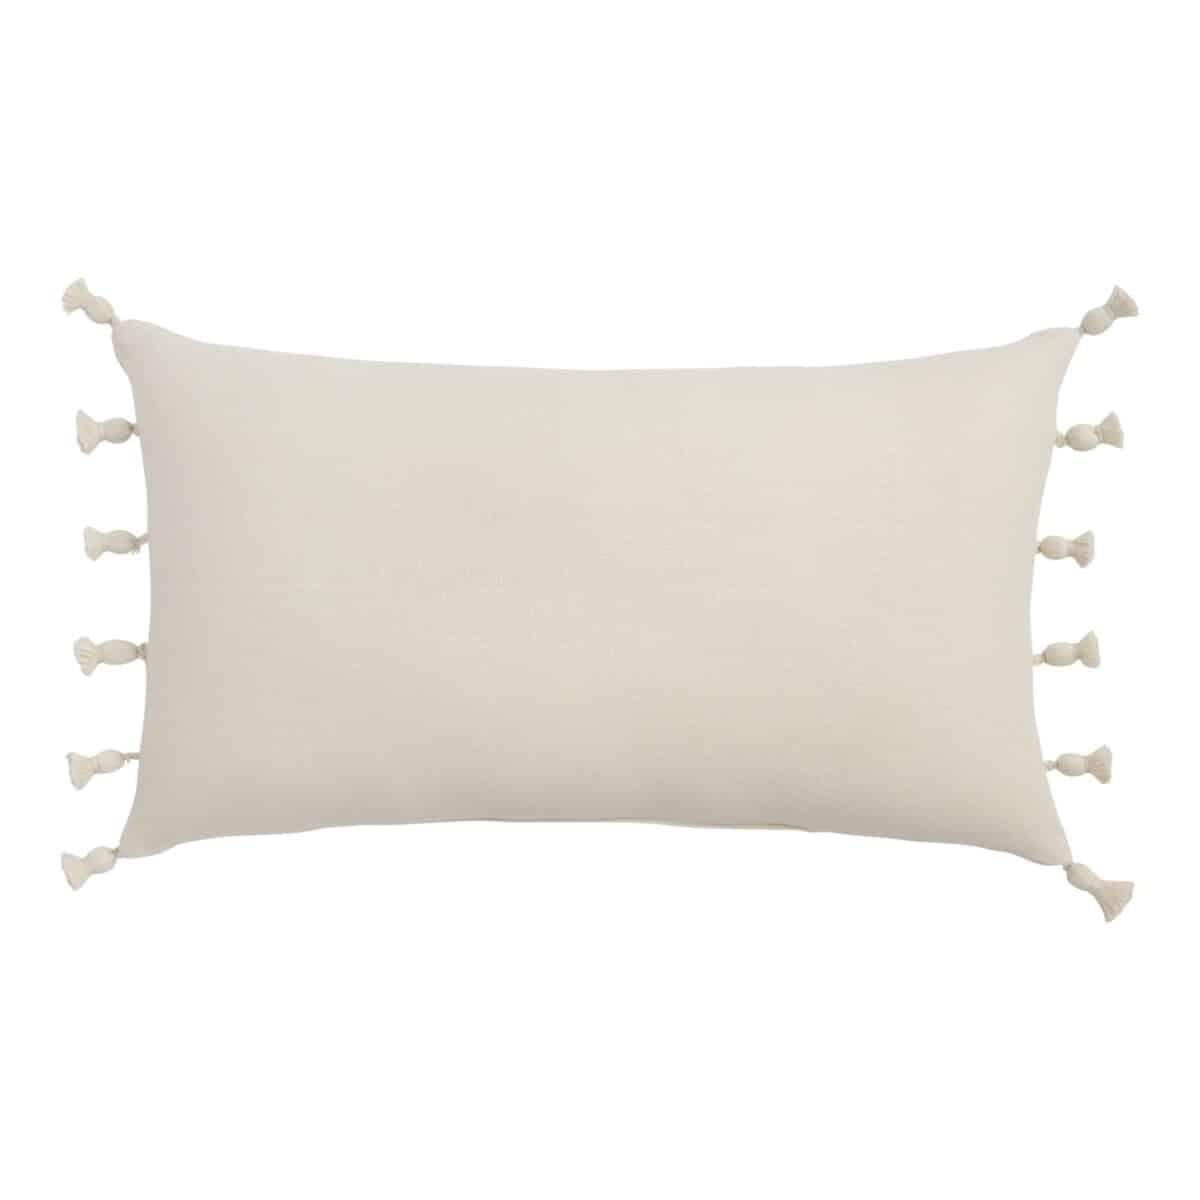 Woven Tasseled Indoor Outdoor Lumbar Pillow